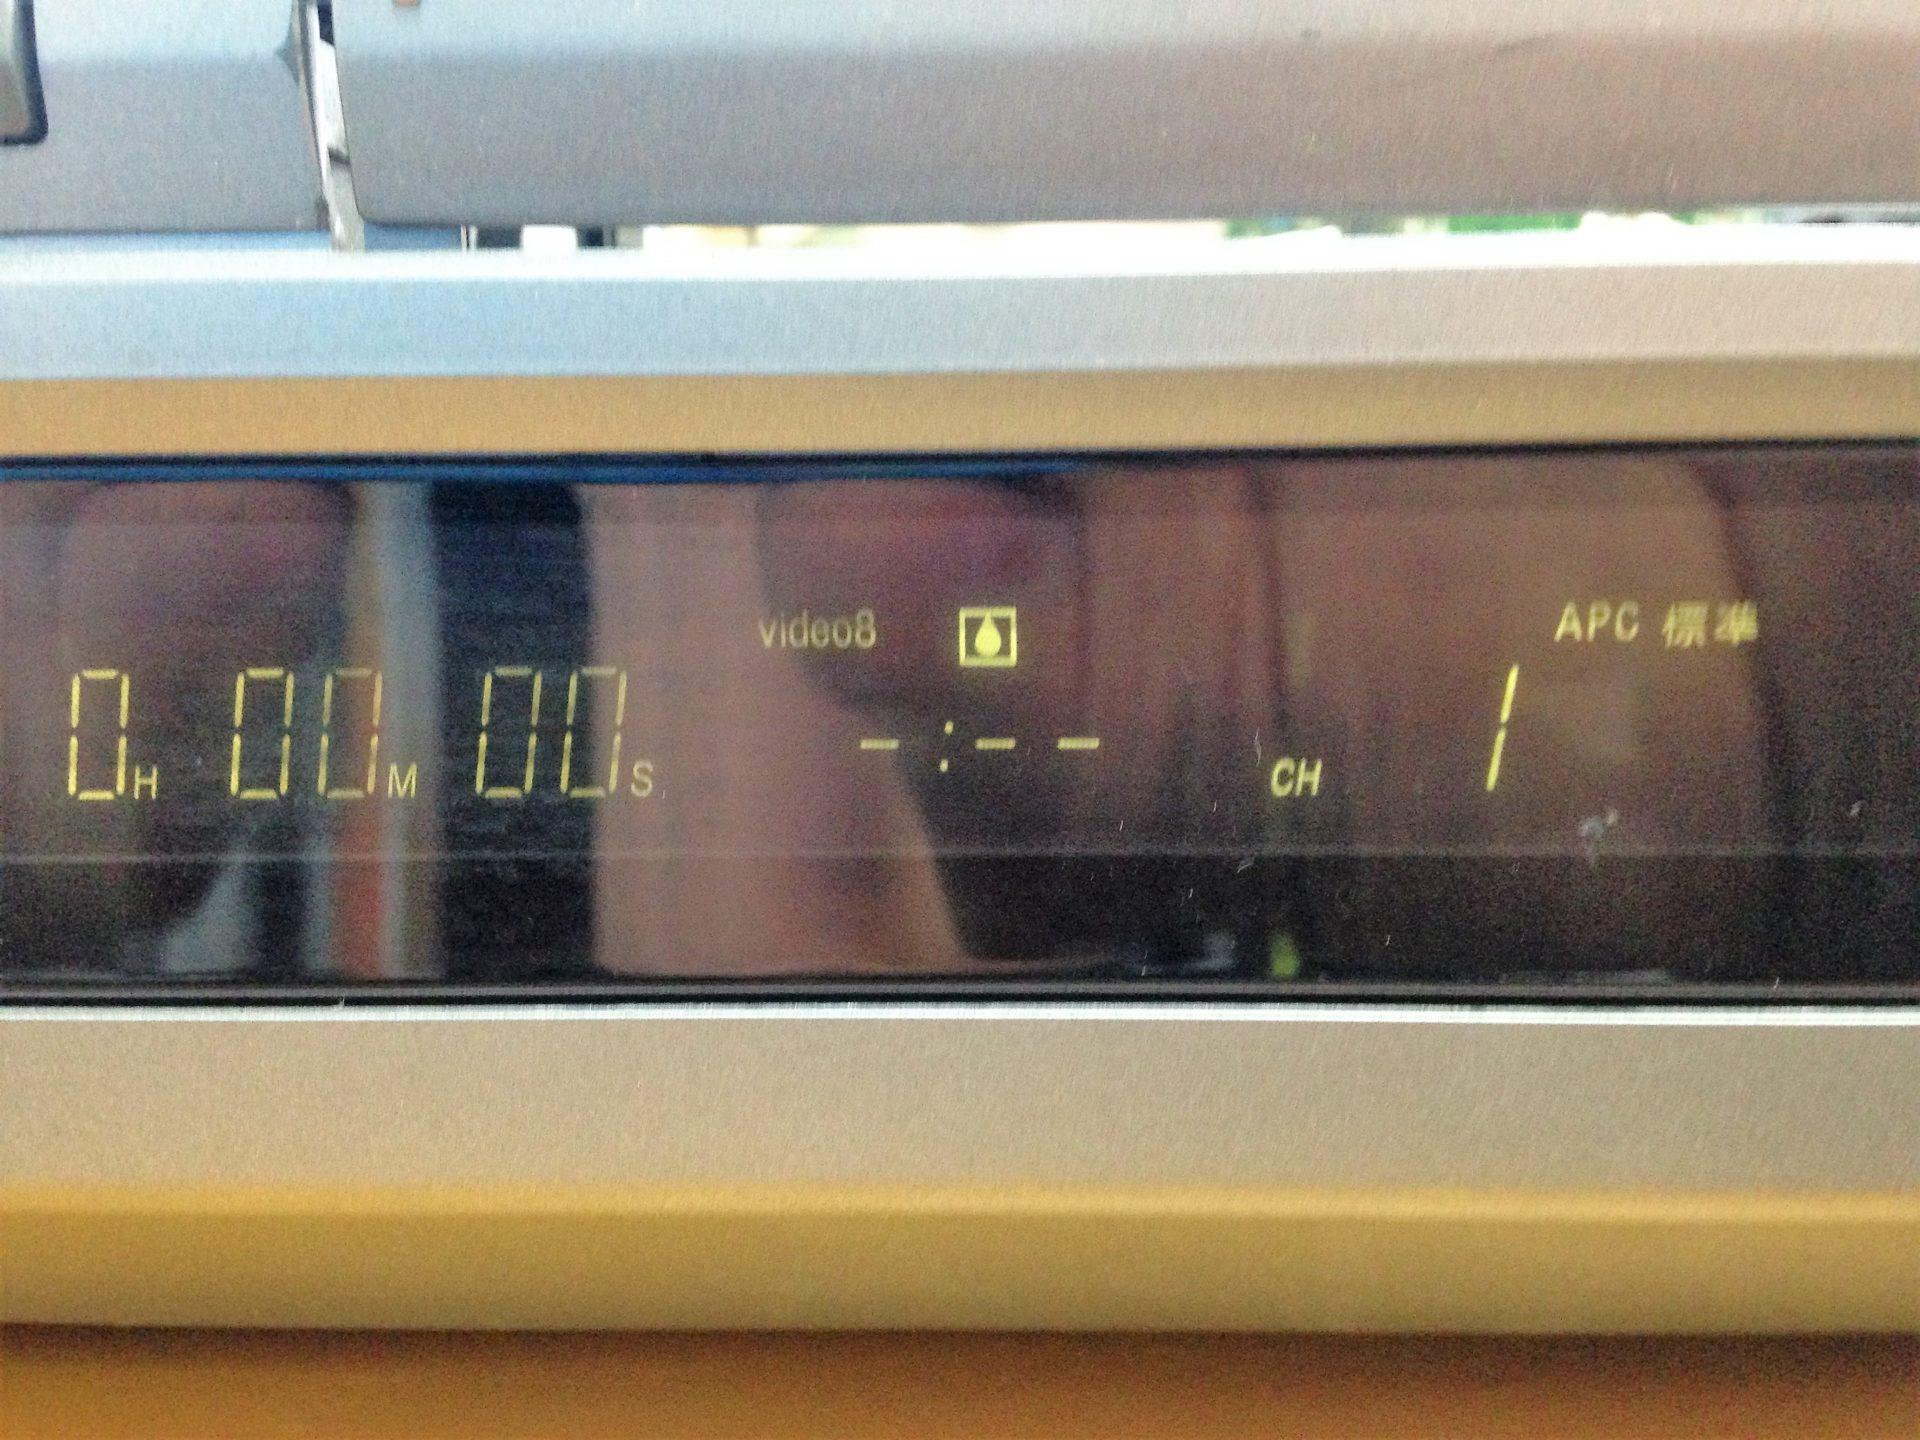 SONY Hi8/VHSデッキ WV-BW1の結露エラーの回避方法